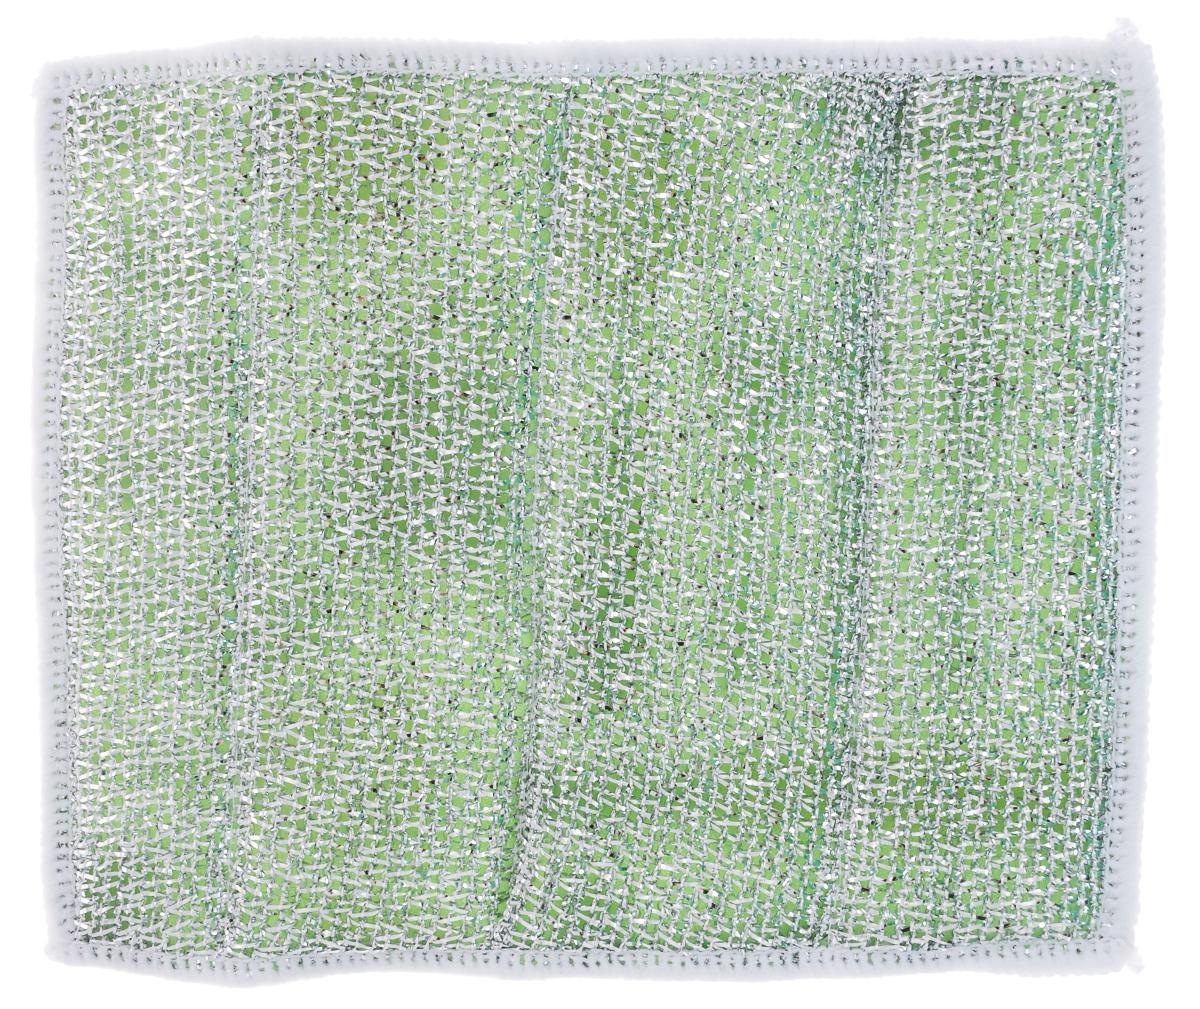 Салфетка для стеклокерамических плит Хозяюшка Мила, цвет: серебристый, зеленый, белый, 21 х 17 см04024-150Салфетка для стеклокерамических плит Хозяюшка Мила станет незаменимым помощником на кухне. Жесткая сторона из фольгированного материала предназначена для очистки сильно загрязненных поверхностей. Мягкая сторона из микрофибры прекрасно впитывает влагу, удаляет грязь и пыль с деликатных поверхностей. Размер салфетки: 21 см х 17 см.